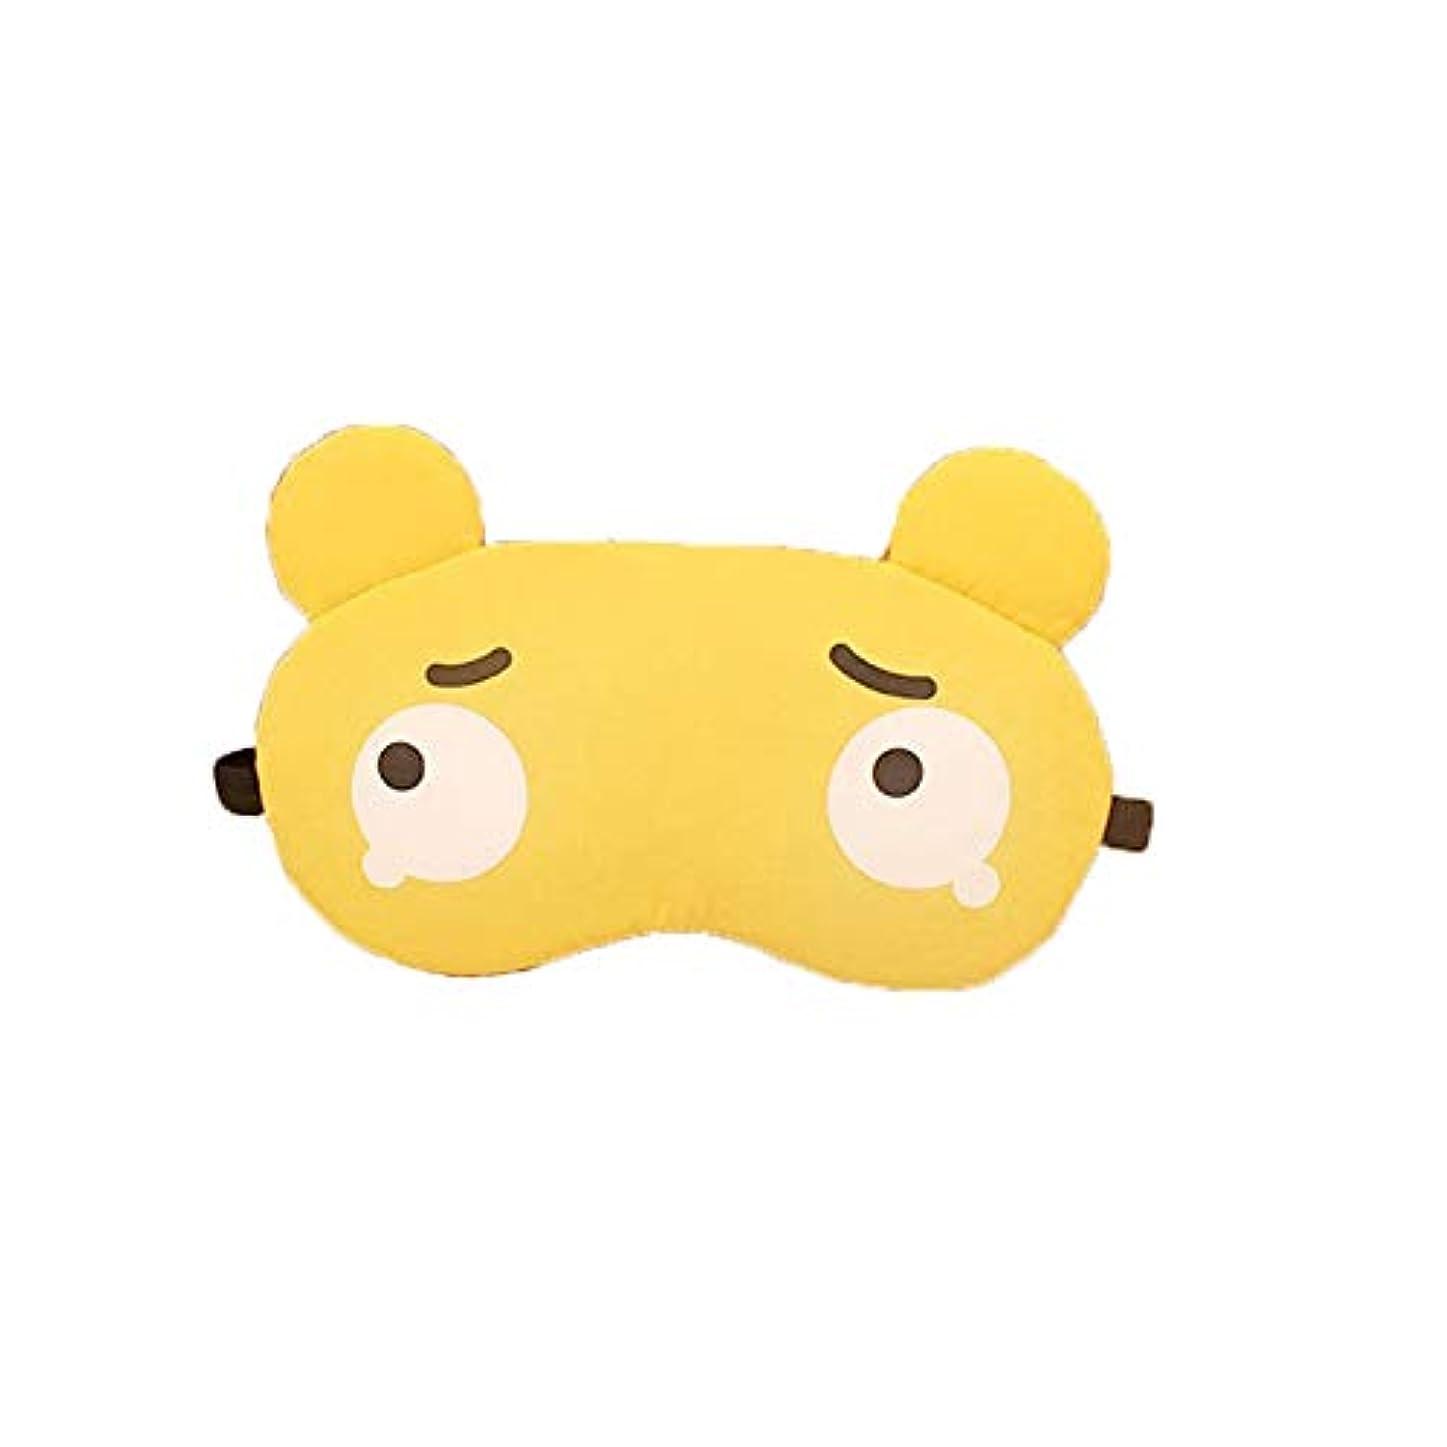 リマークビデオ含意注意ソフトスリーピングマスクアイパッチポータブルアイマスク快適な少し悲しい顔漫画シェードカバー旅行リラックス睡眠補助MP0140